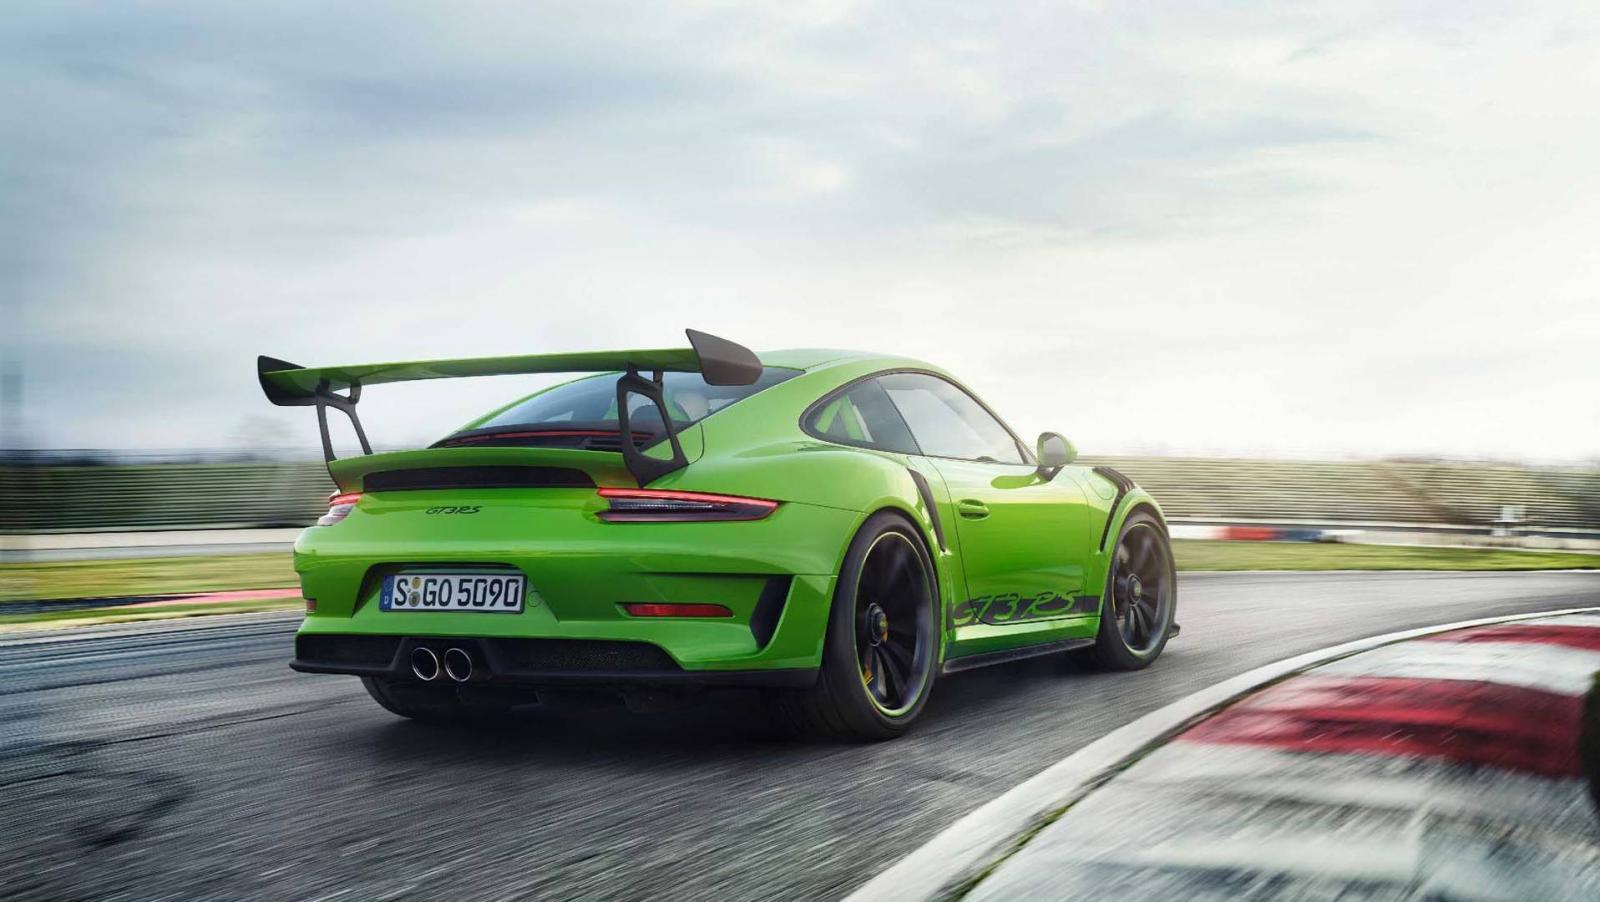 Состоялась официальная премьера спорткара Порше 911 GT3 RS